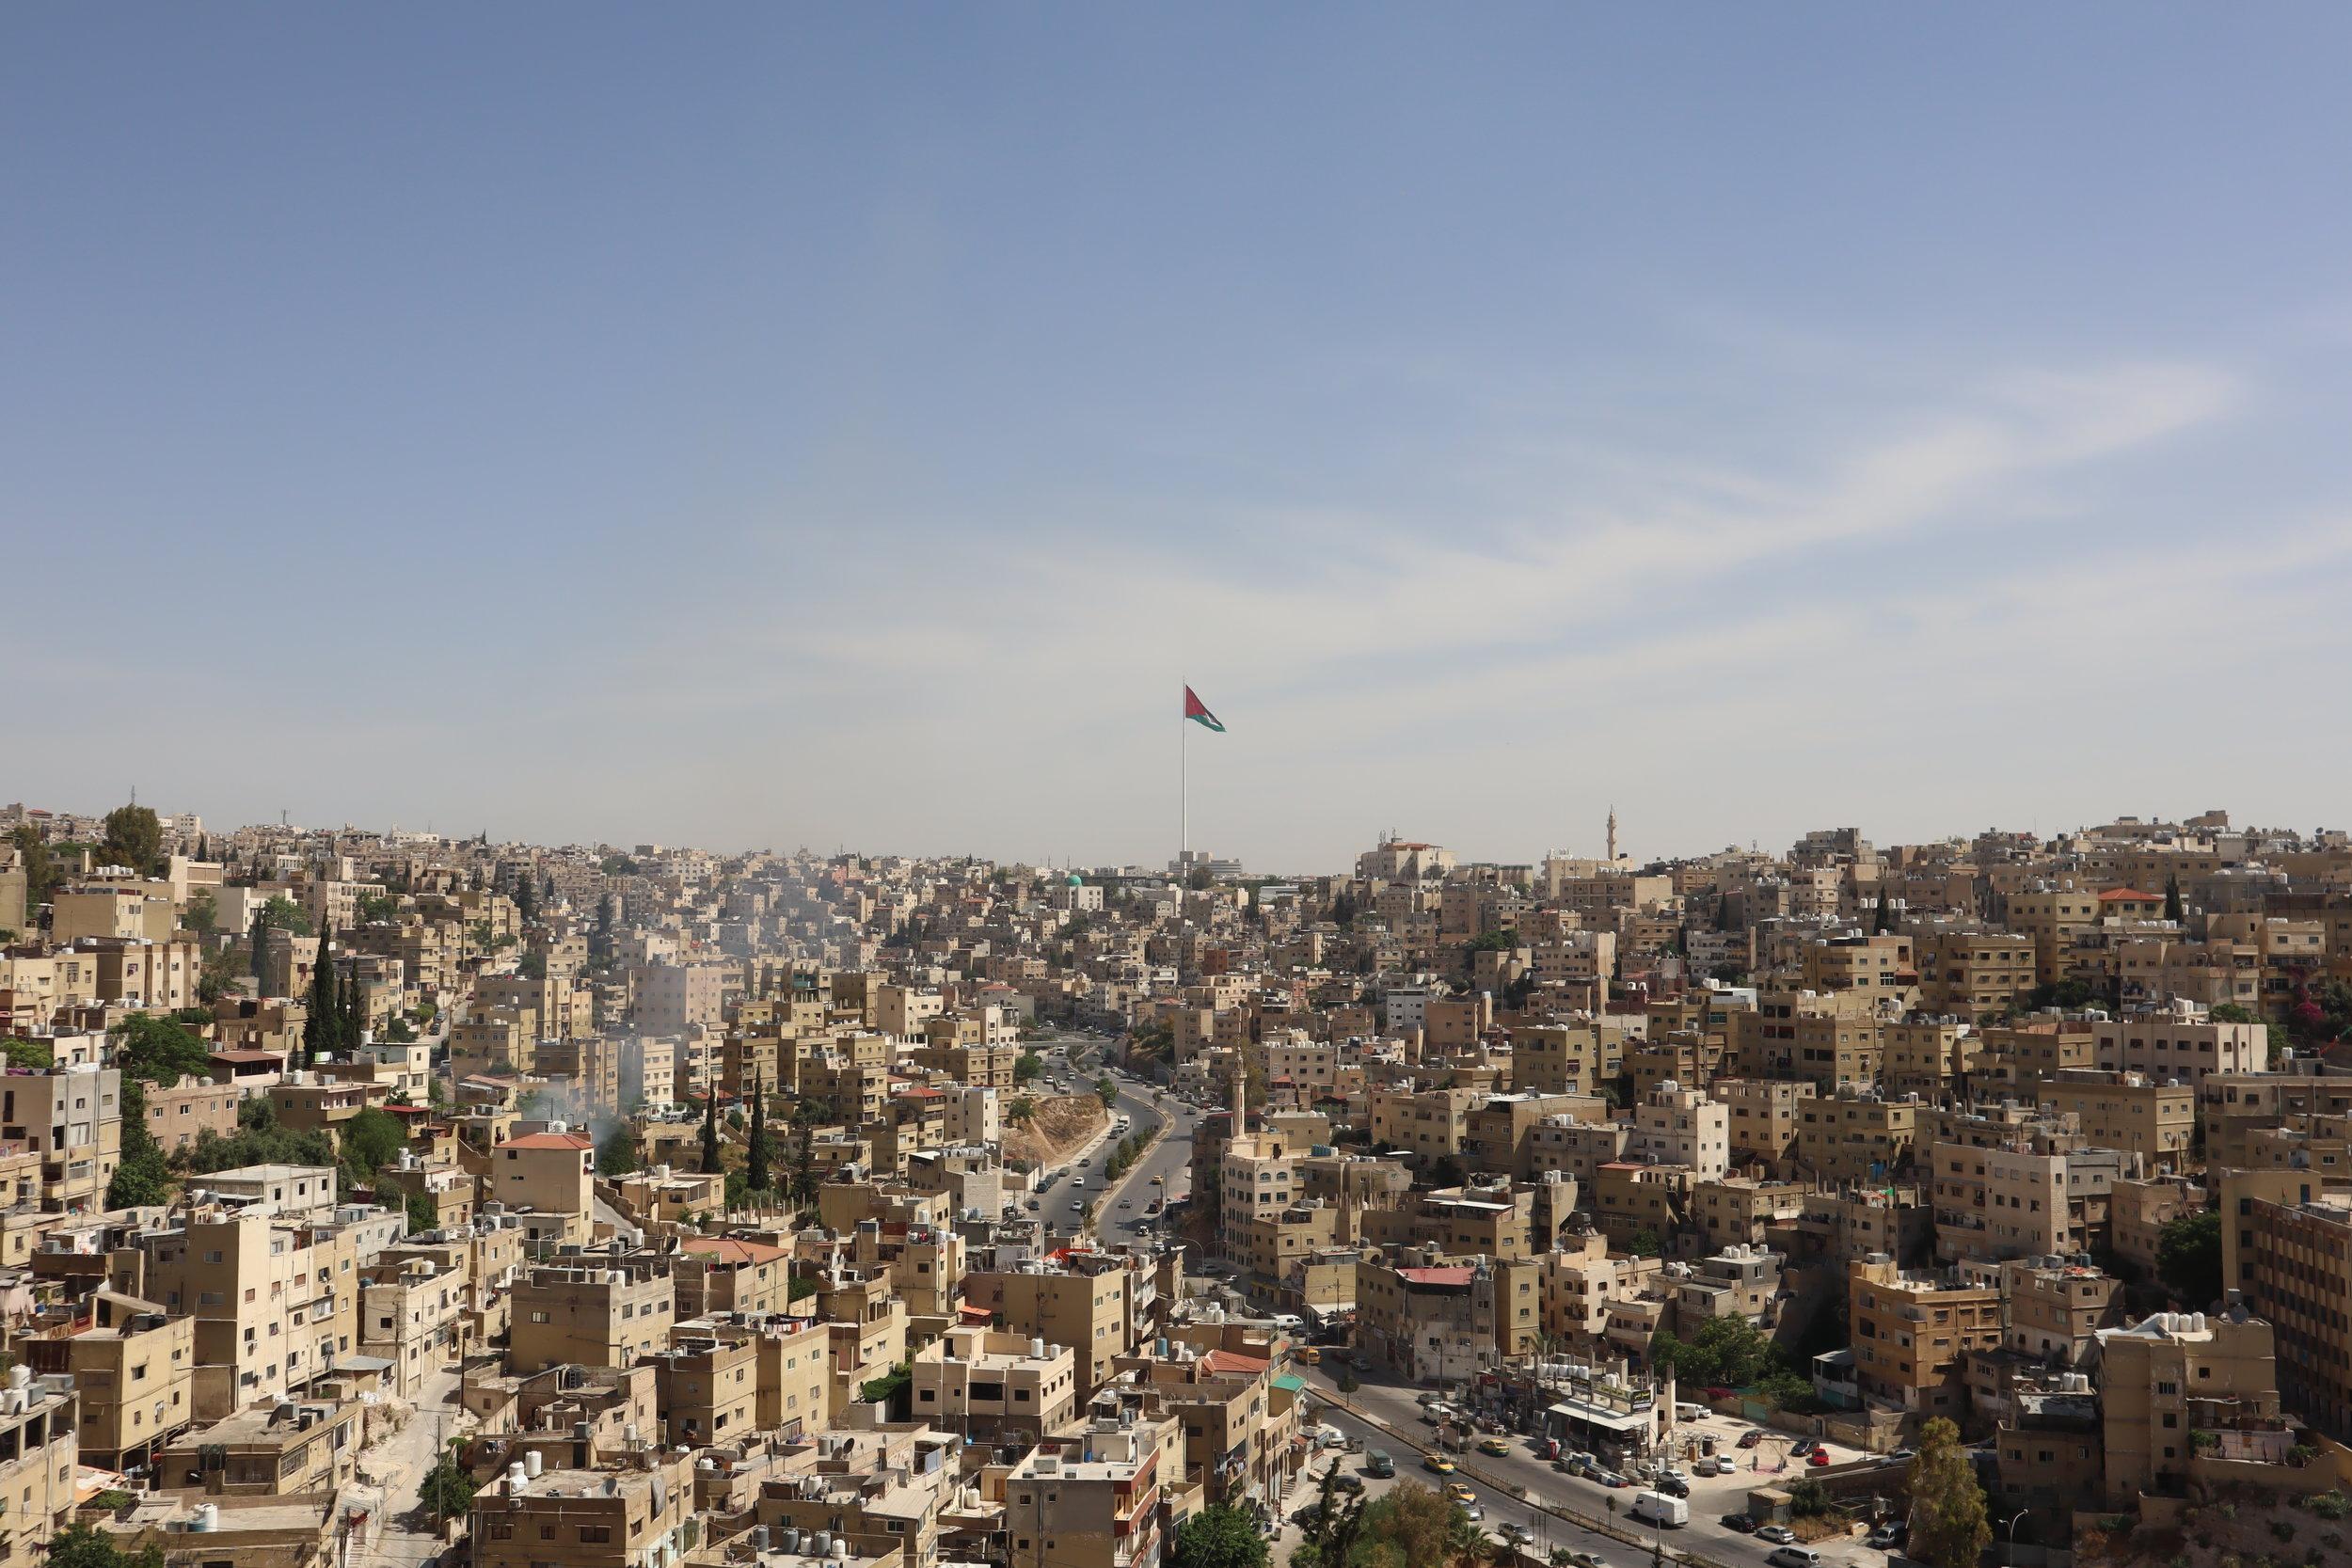 Amman Citadel – View from the Citadel